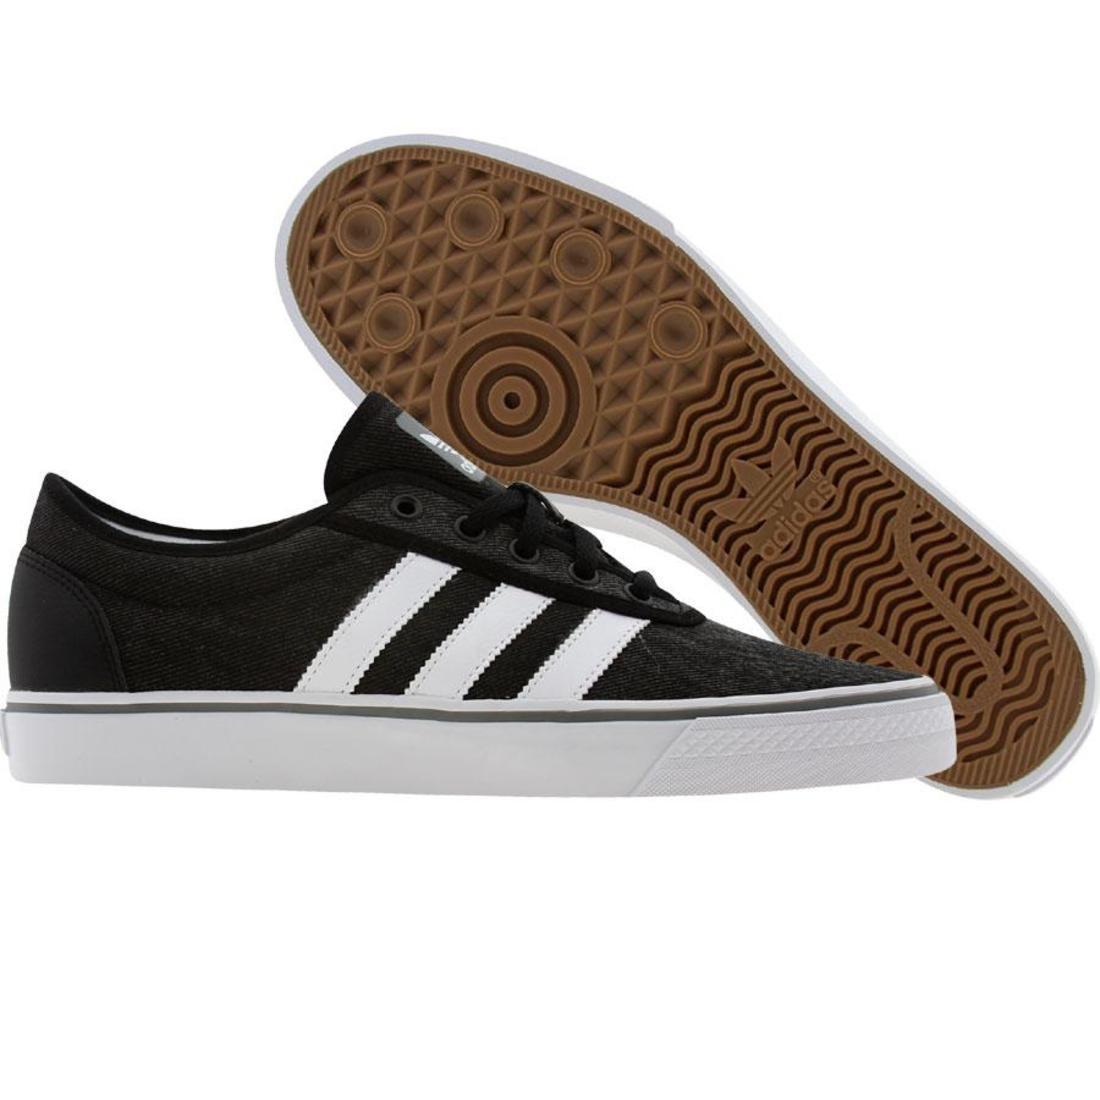 【海外限定】アディダス スケート カレッジ スニーカー メンズ靴 【 ADIDAS SKATE ADI EASE BLACK RUNNINWHITE COLLEGE AQUA 】